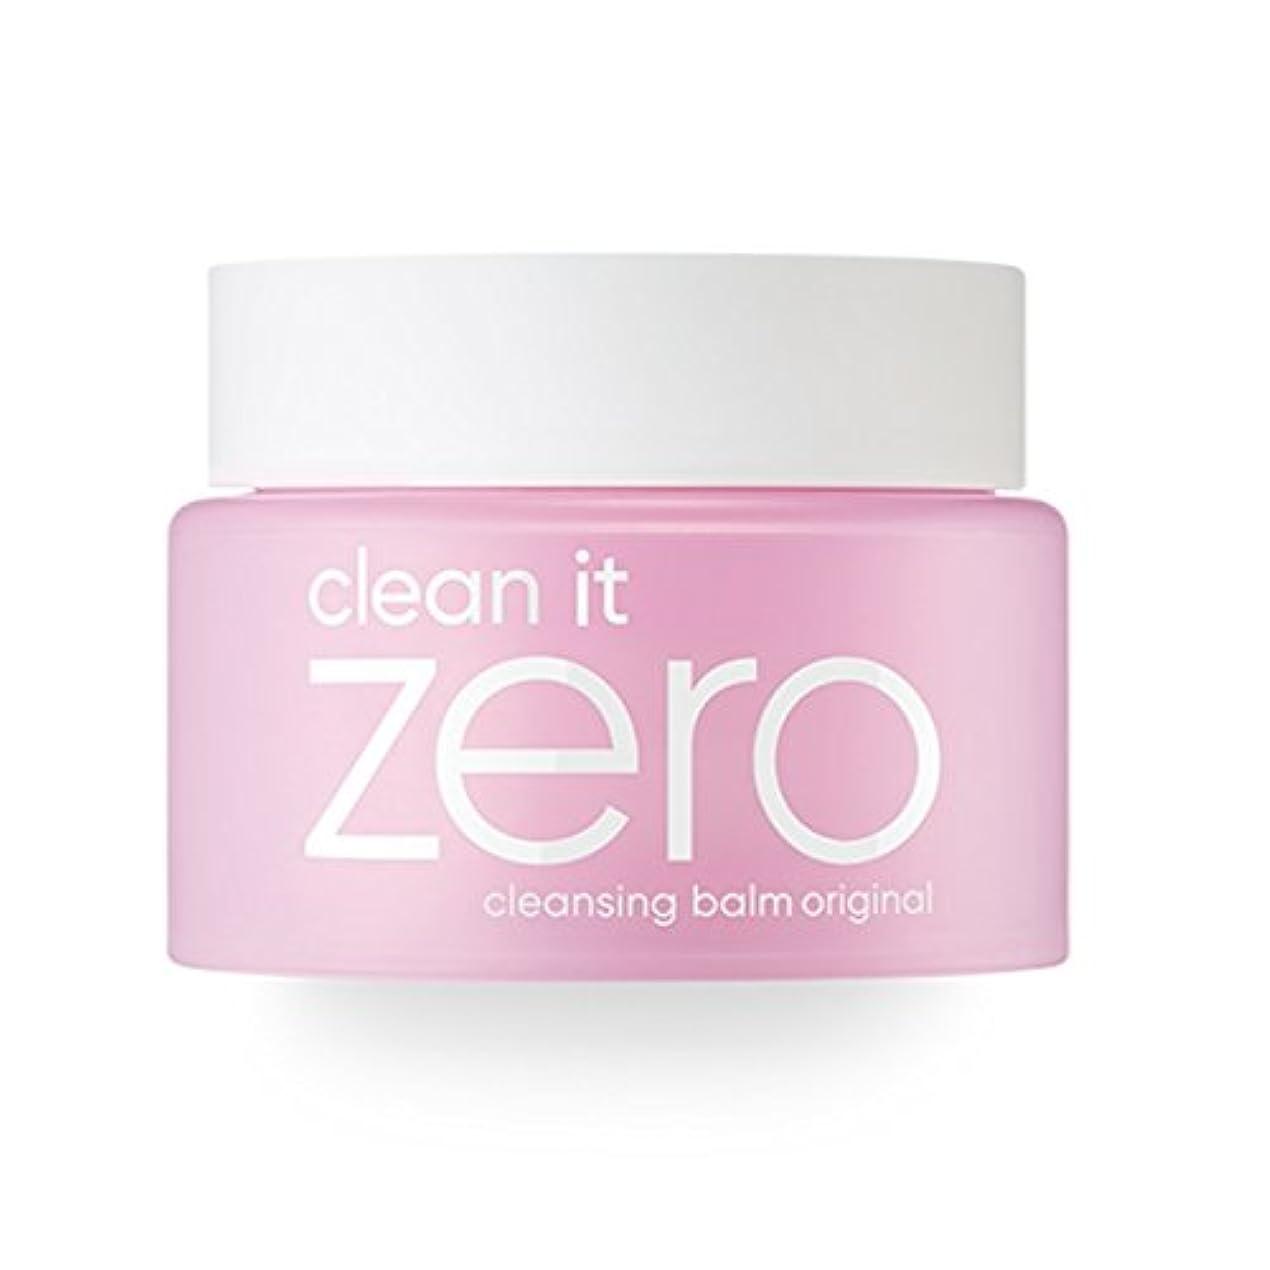 制裁助言時間Banila.co クリーン イット ゼロ クレンジングバーム オリジナル / Clean it Zero Cleansing Balm Original (100ml)